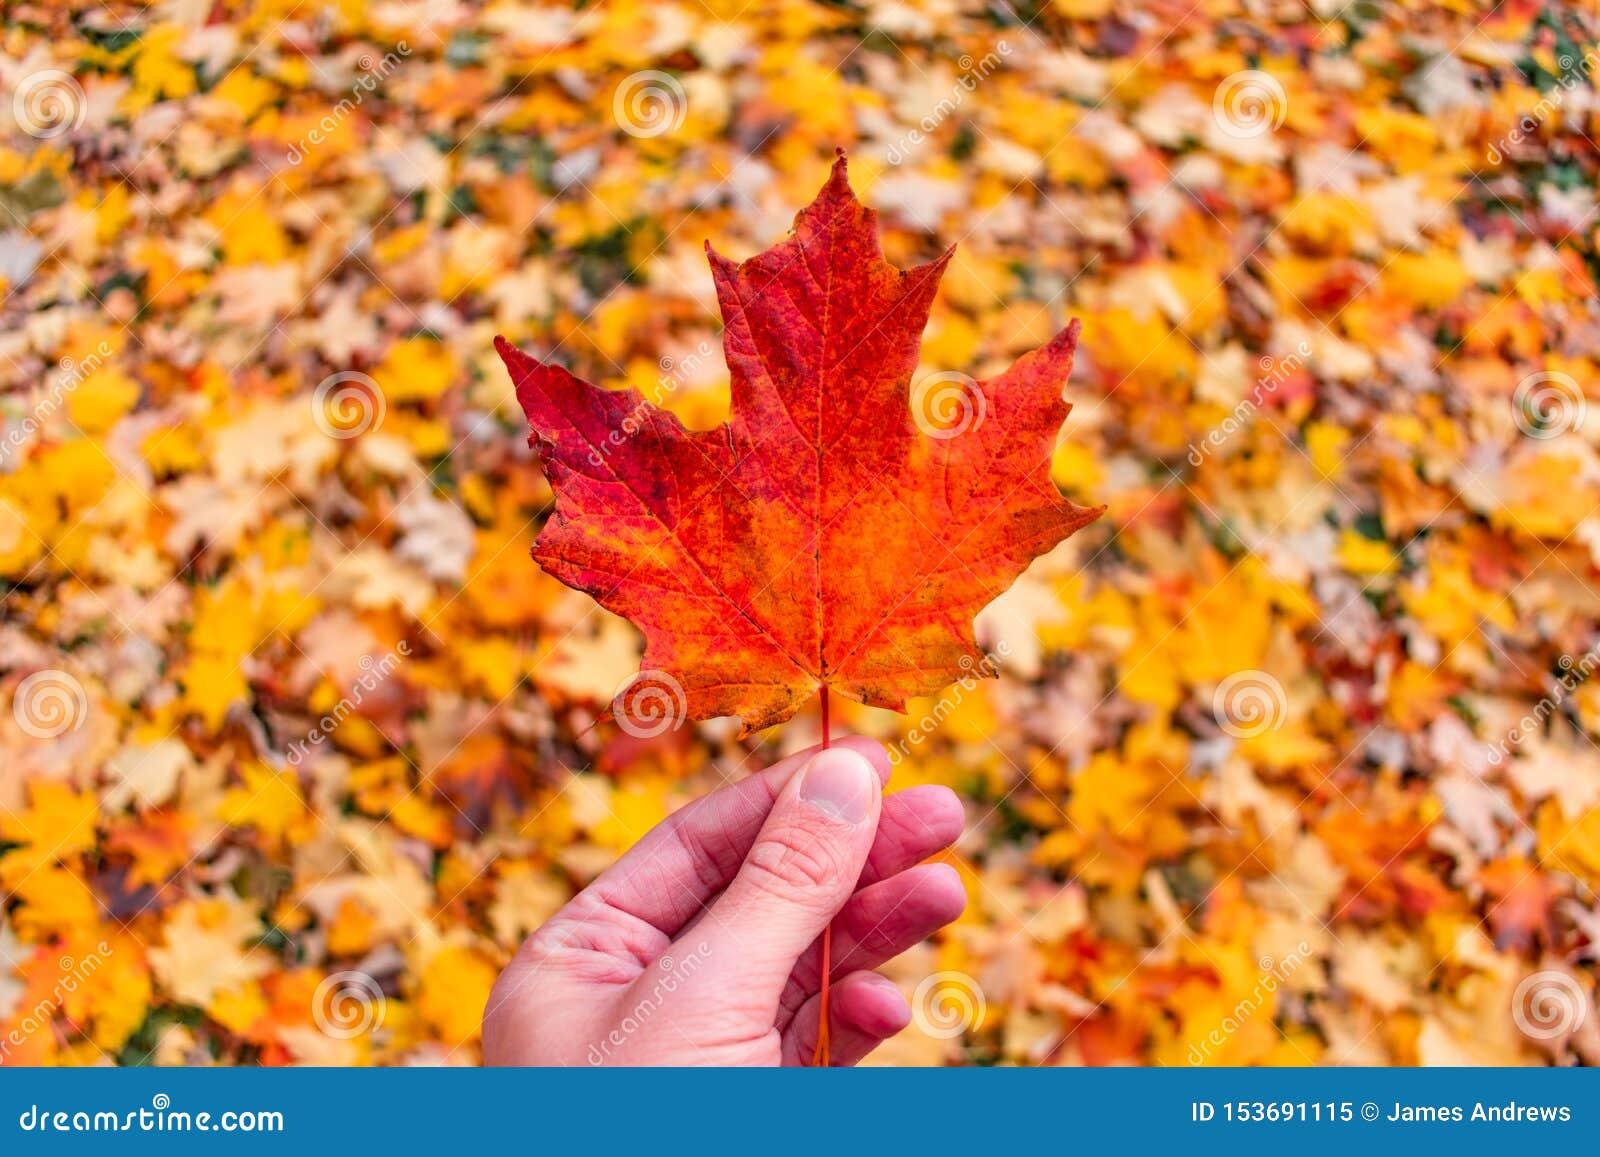 Única folha de bordo guardada sobre uma pilha das folhas coloridas durante o outono